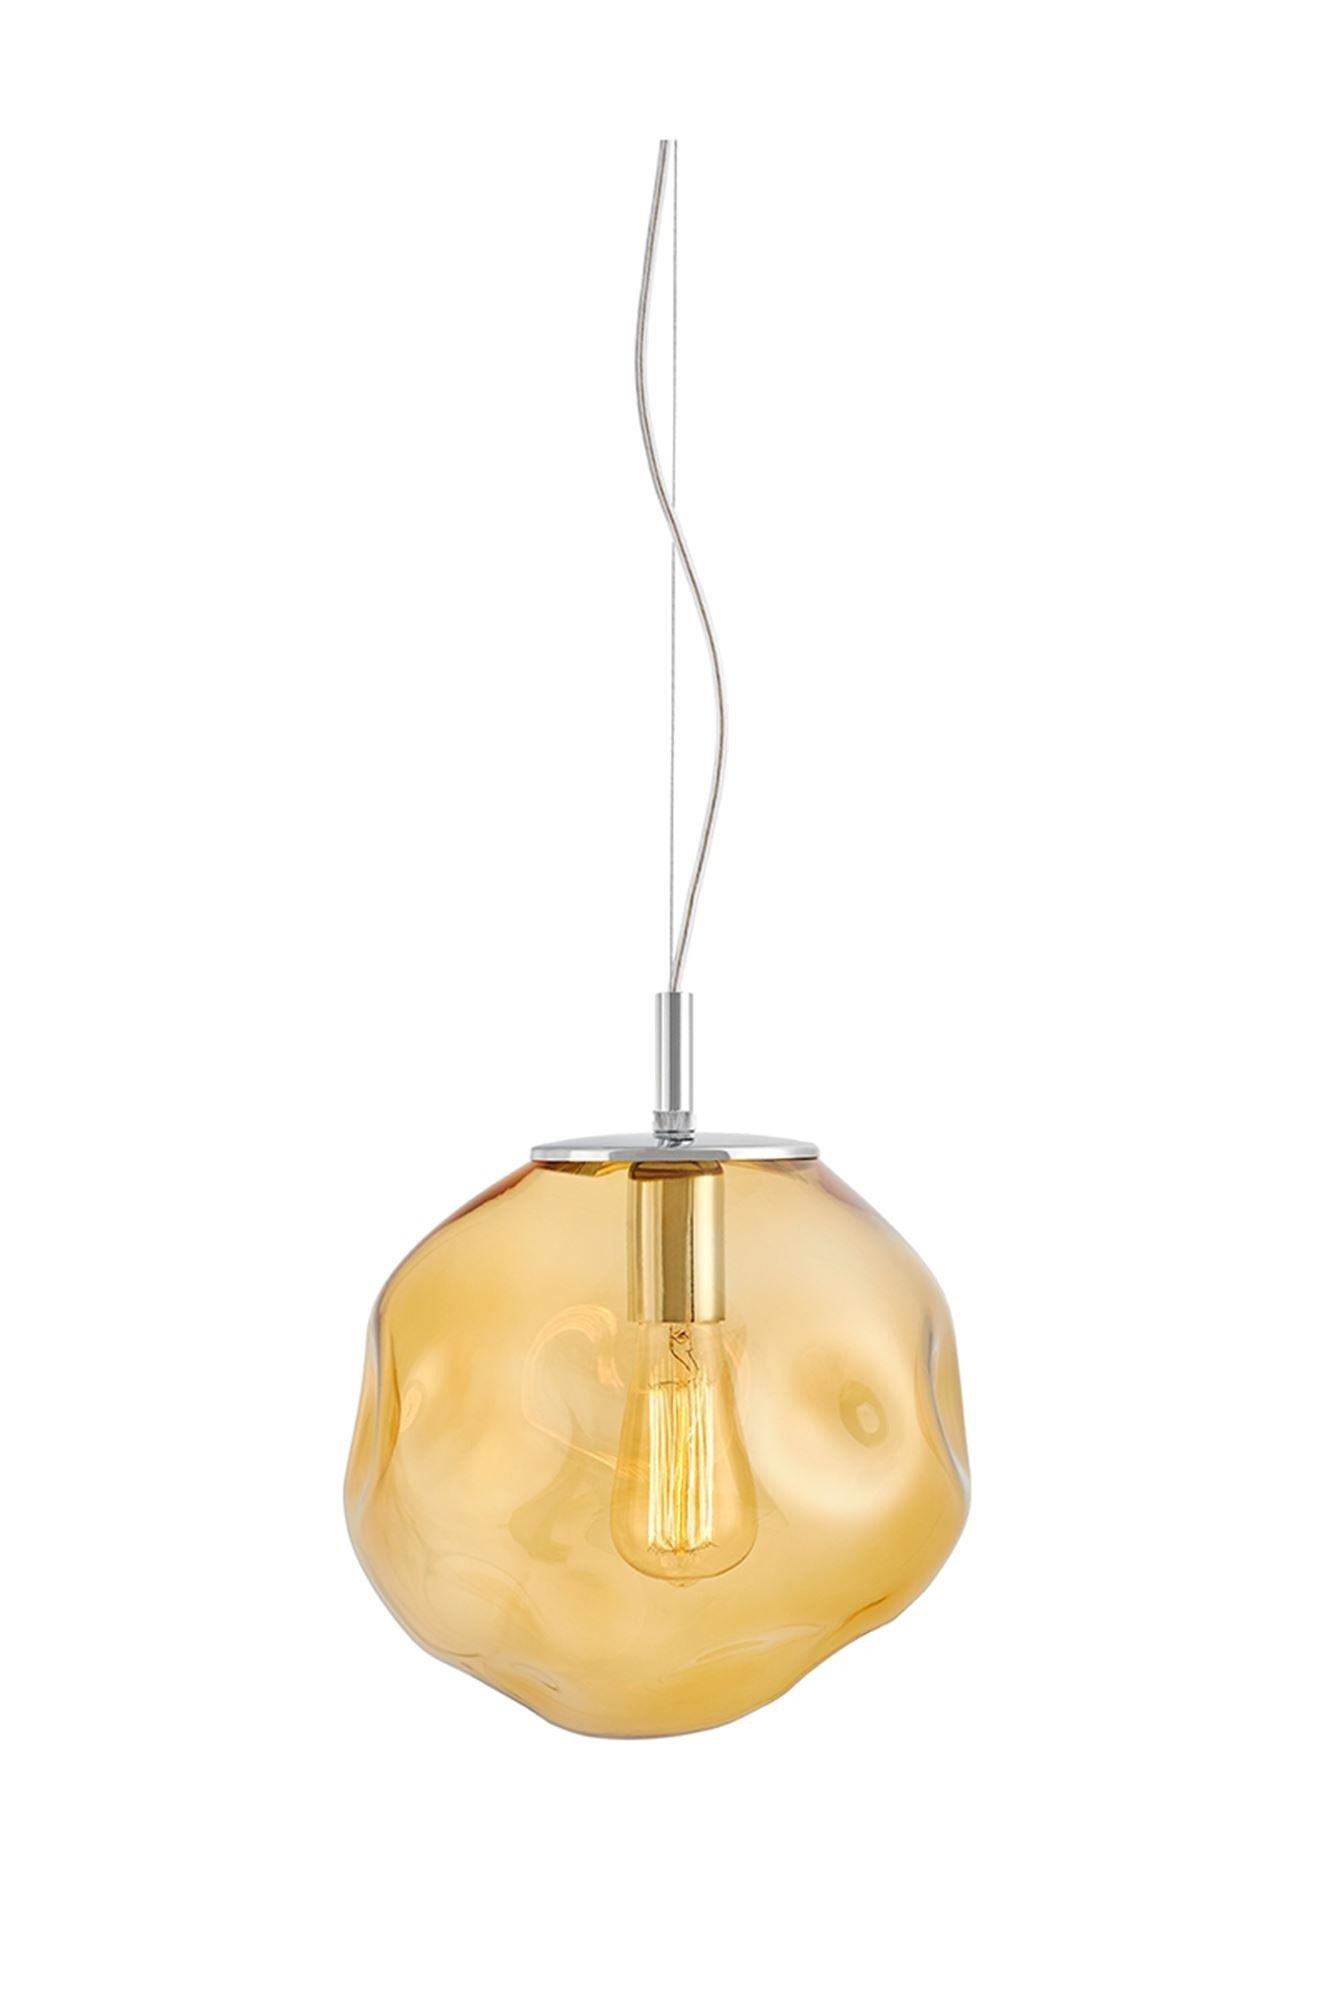 KASPA :: Lampa wisząca Avia M - bursztynowa